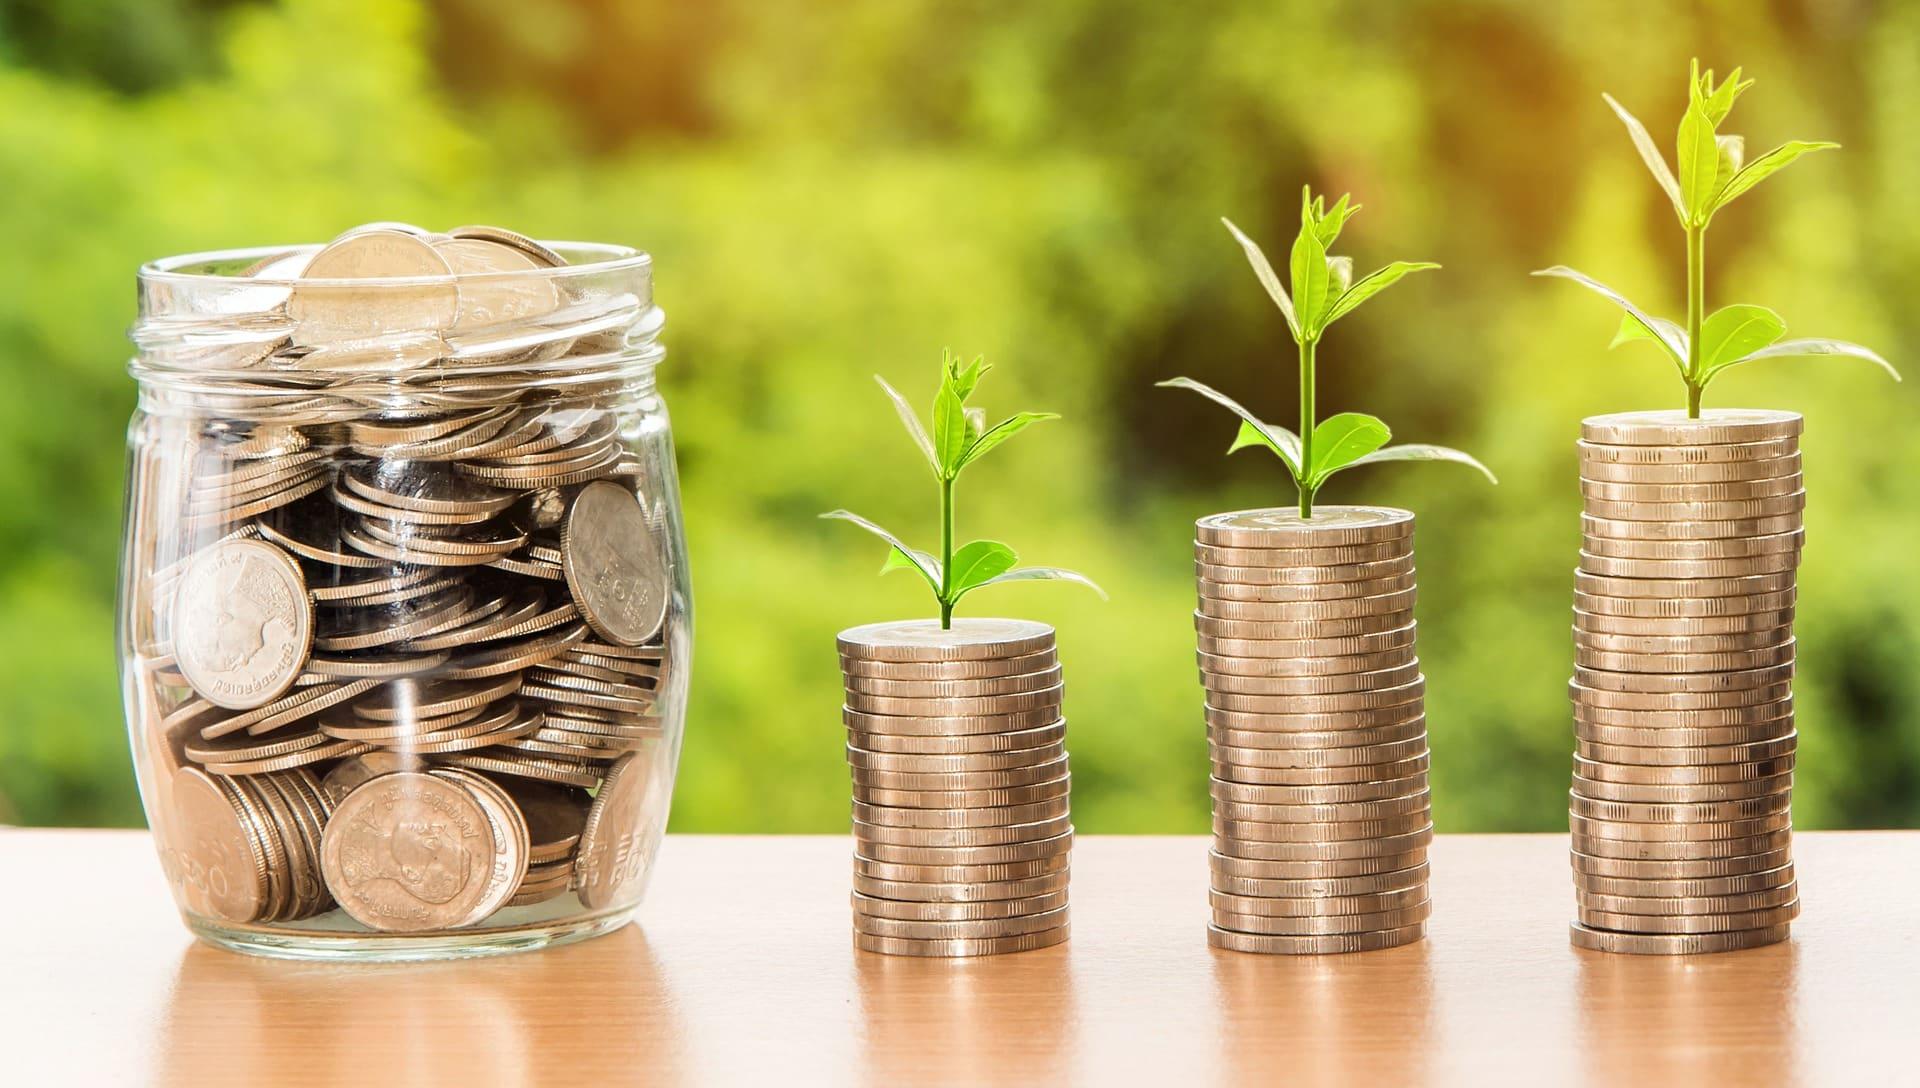 Rendement locatif ou rentabilité locative ? Différence entre ces 2 taux de rentabilité en immobilier